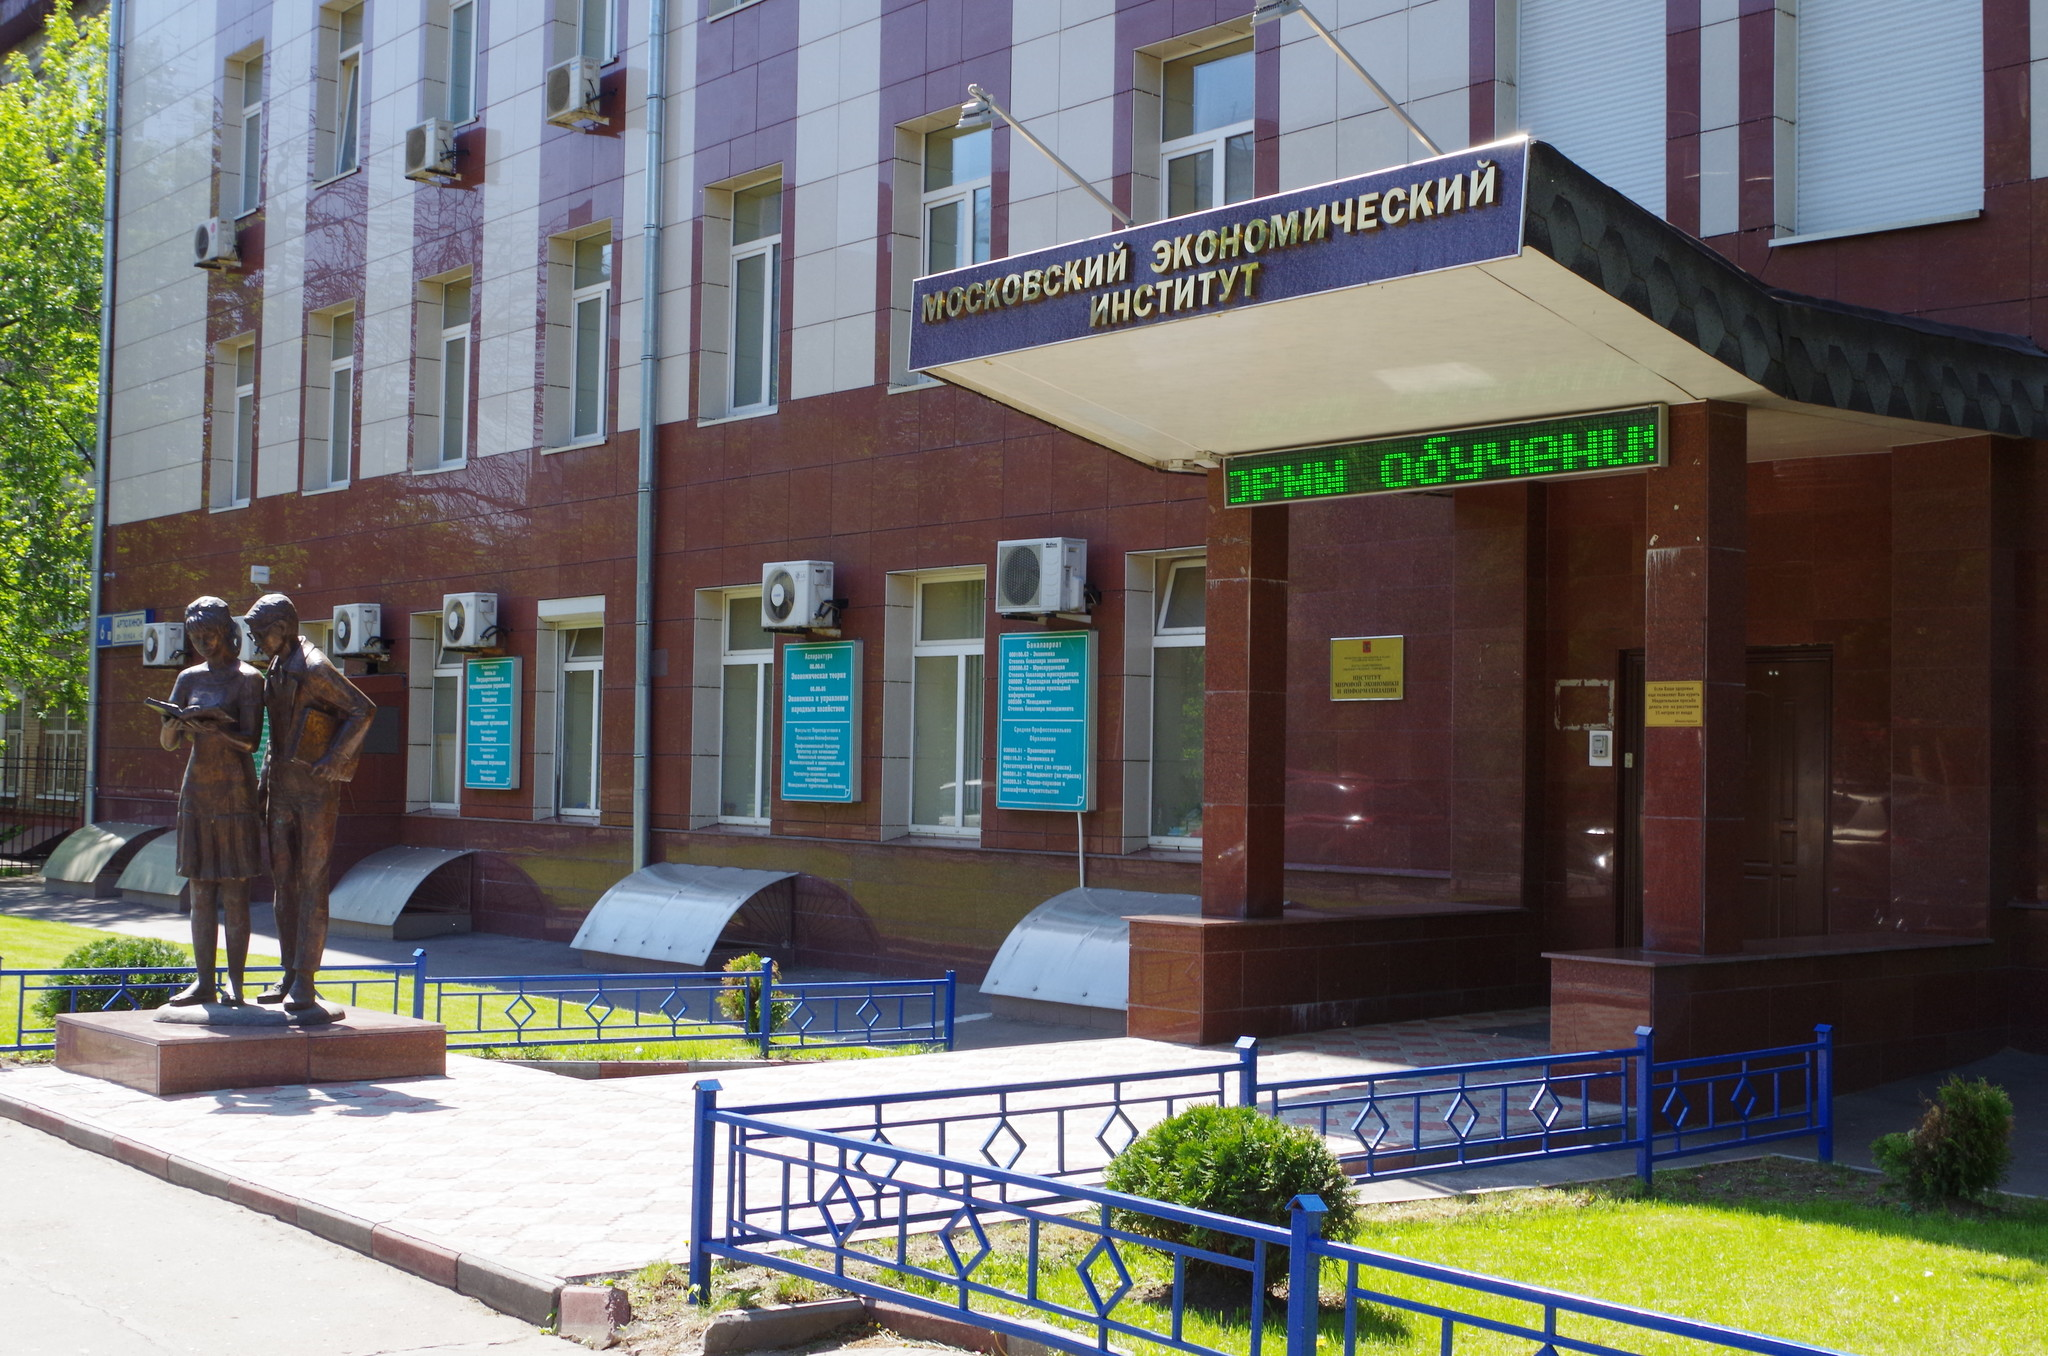 Здание Московского экономического института (улица Артюхиной, дом 6, корпус 1)